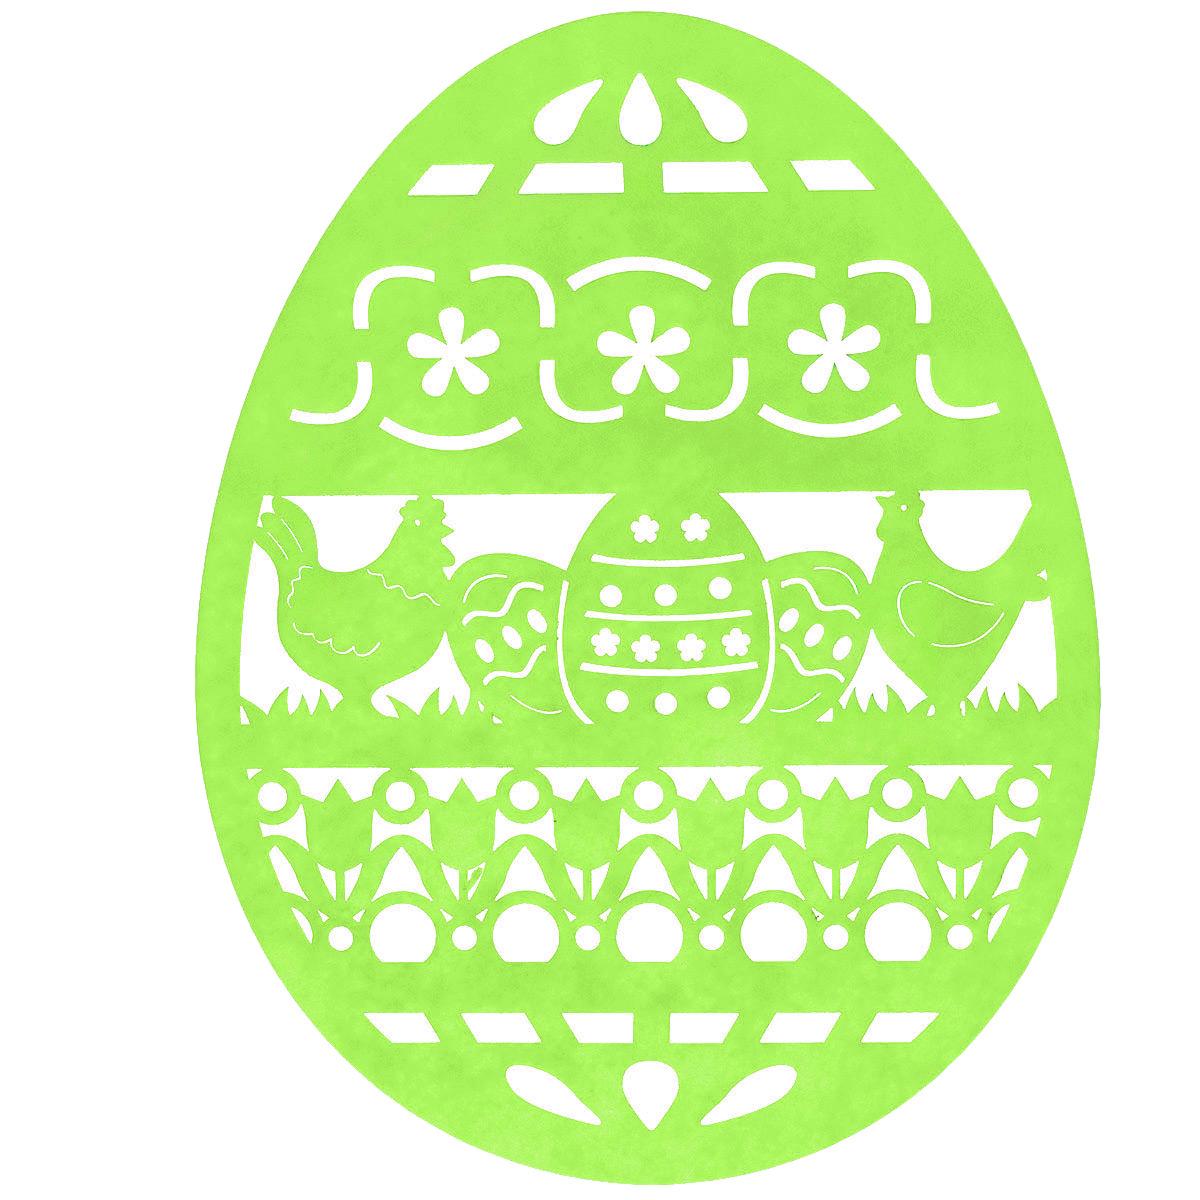 Салфетка Home Queen Веселый праздник, цвет: зеленый, 25 см х 33 см х 0,2 см54 009312Салфетка Home Queen Веселый праздник изготовлена из фетра, выполнена в форме яйца и имеет красивую перфорацию. Вы можете использовать салфетку для декорирования стола, комода, журнального столика. В любом случае она добавит в ваш дом стиля, изысканности и неповторимости и убережет мебель от царапин и потертостей. Размер салфетки: 25 см х 33 см х 0,2 см.